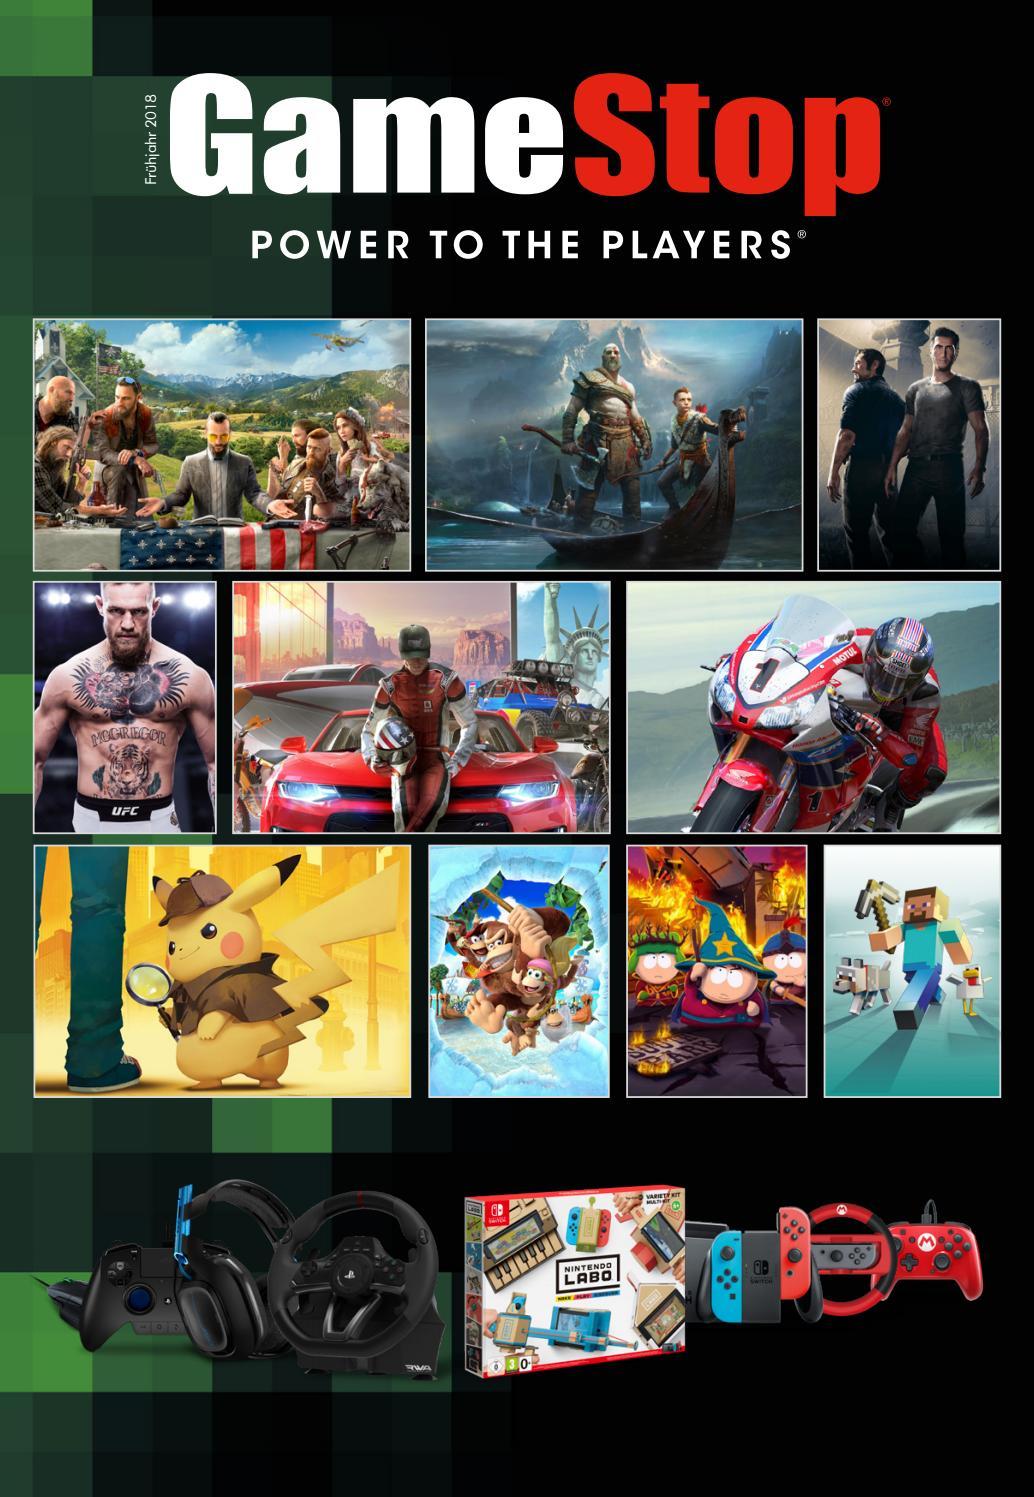 Attack on titan game xbox 360 gamestop